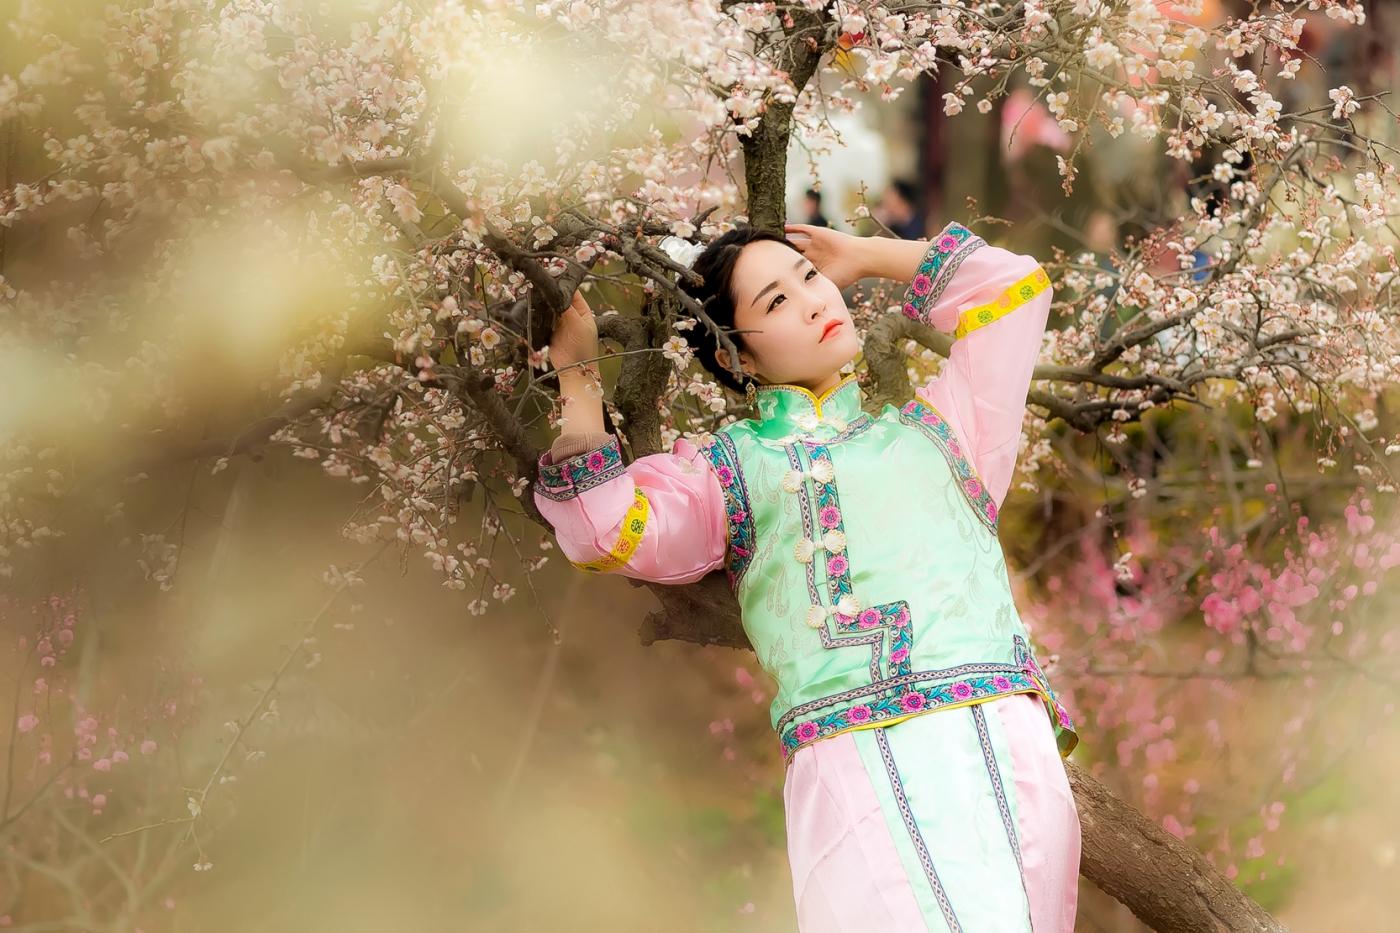 沂水雪山梅园走来一群赏梅踏春的沂蒙女孩 摄影人和女孩们成为梅园一道亮丽的风景线 ..._图1-8